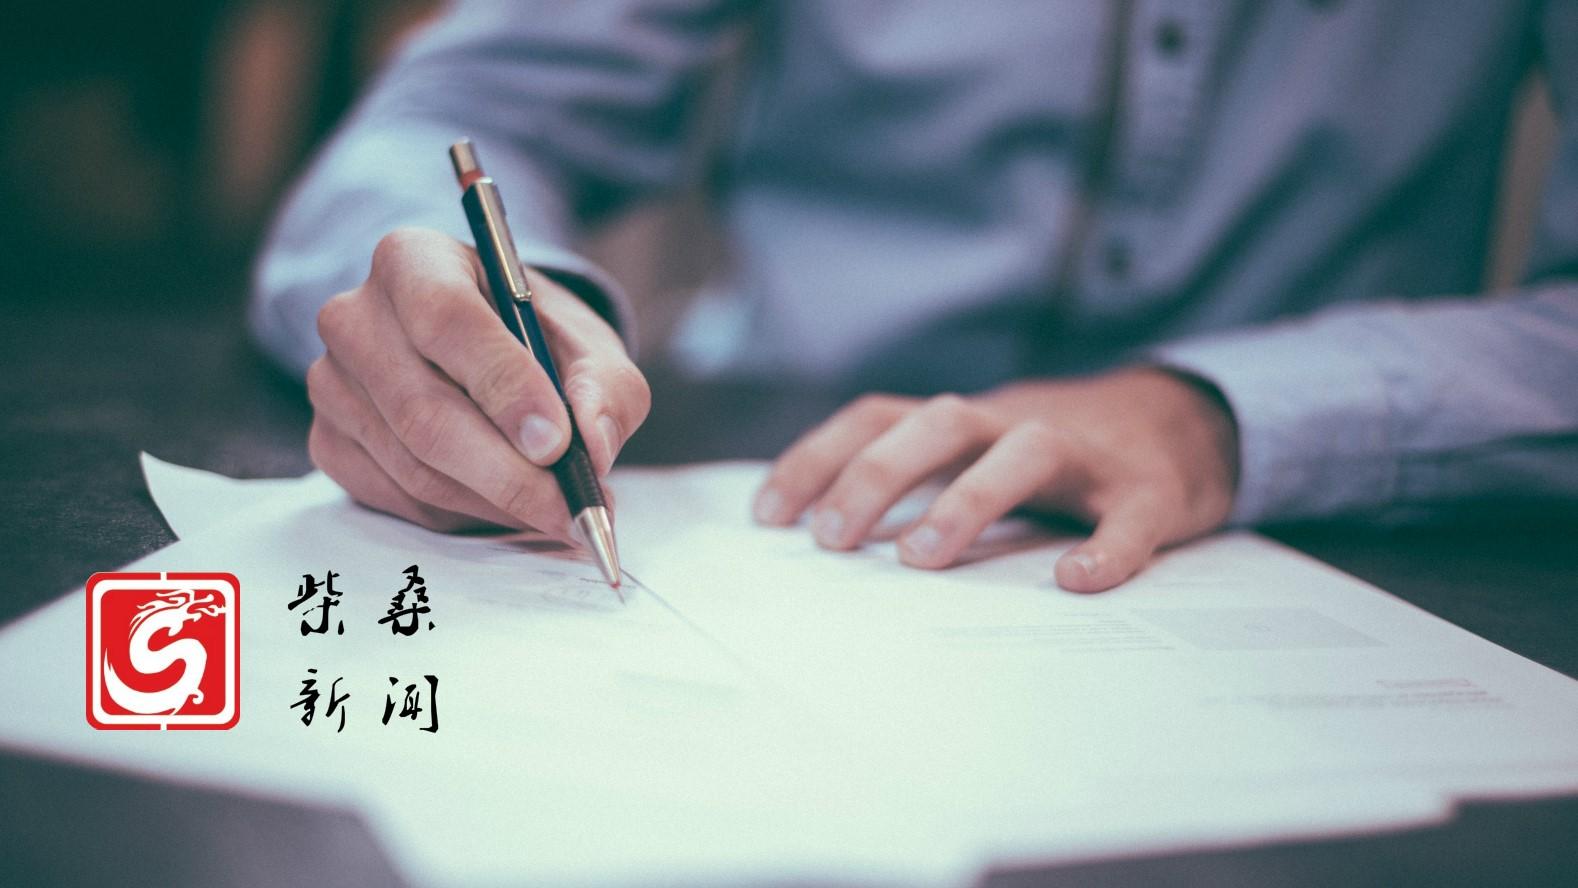 【柴桑新闻】我所赵江宇律师受邀为瑞易德新材料股份有限公司作专题讲座